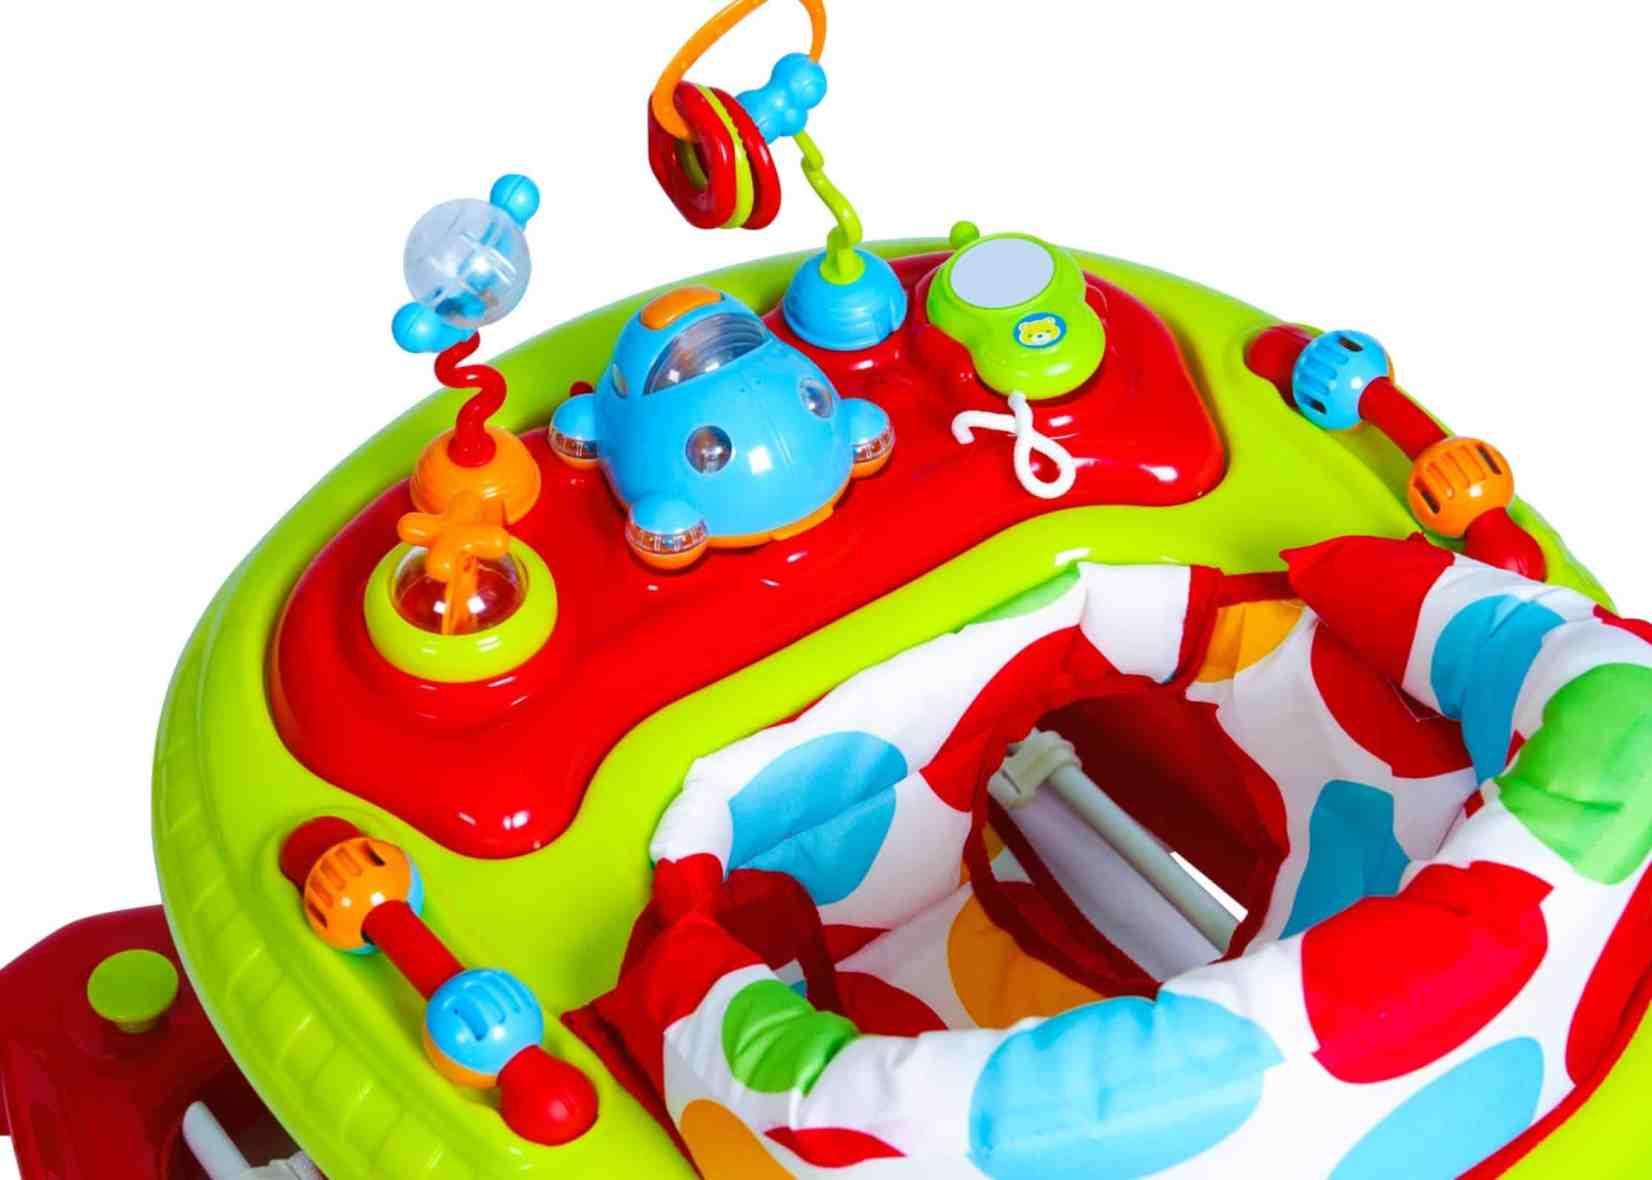 redkite-twist-spot-toys